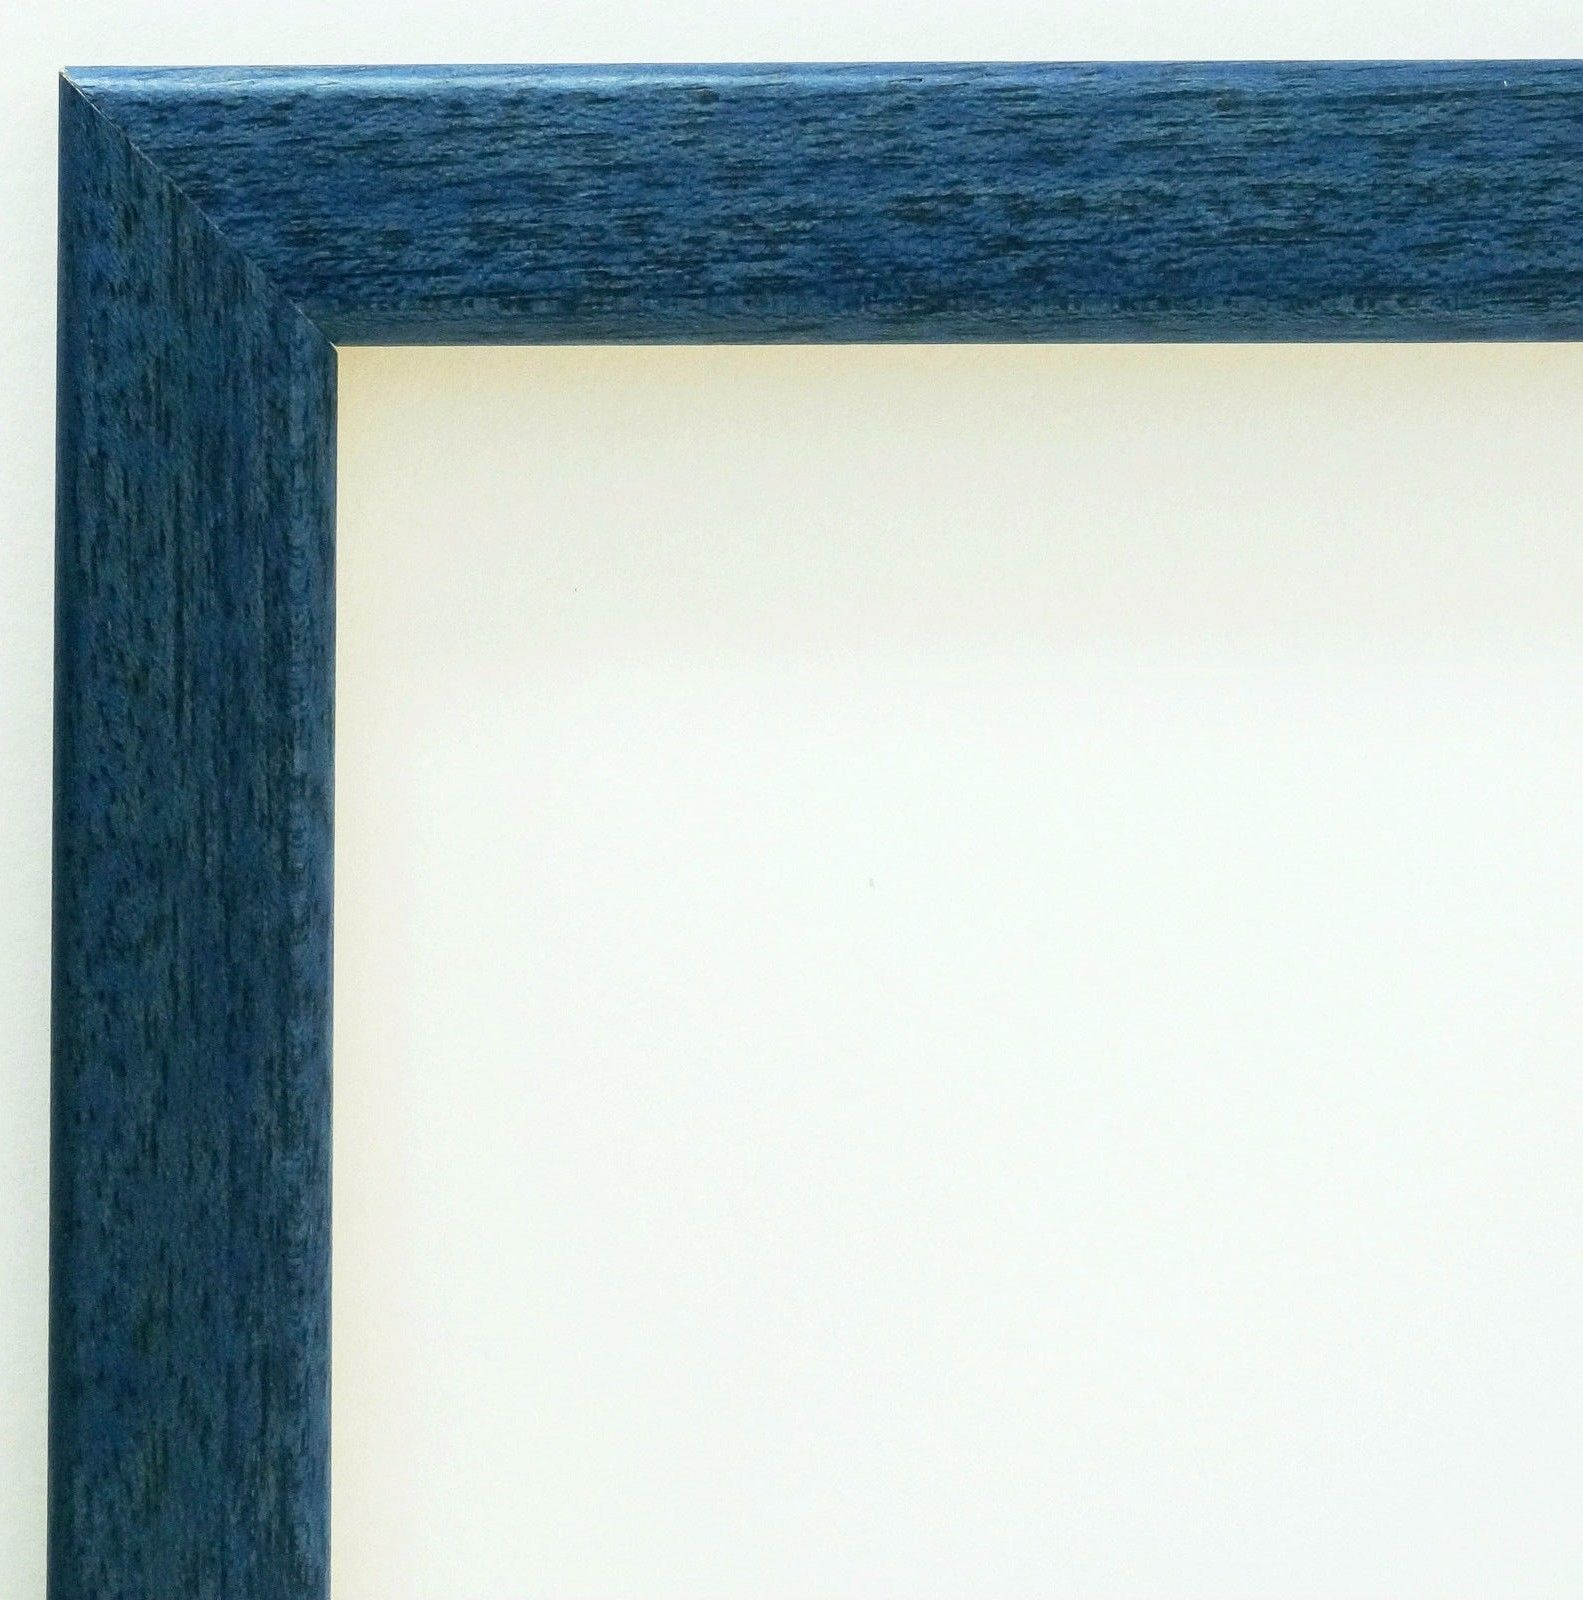 Bilderrahmen Blau Modern Rahmen Holz Art Deco Hannover 2, 4 - alle ...